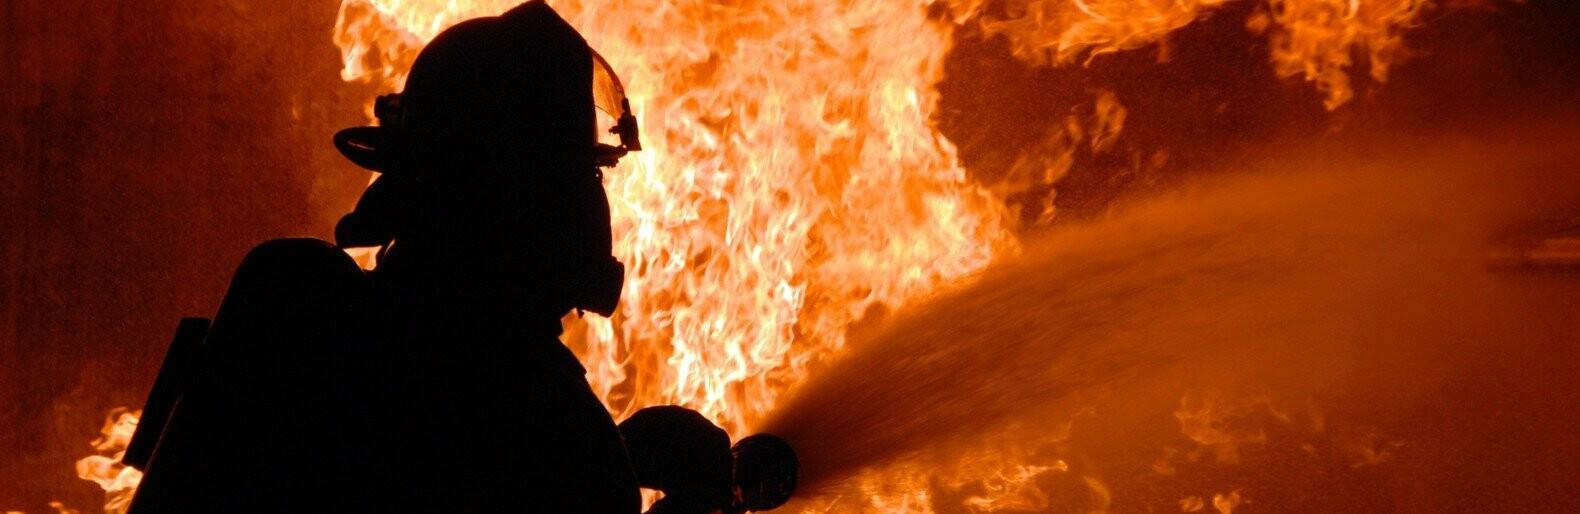 Пожарные спасли дворника из горящего помещения0